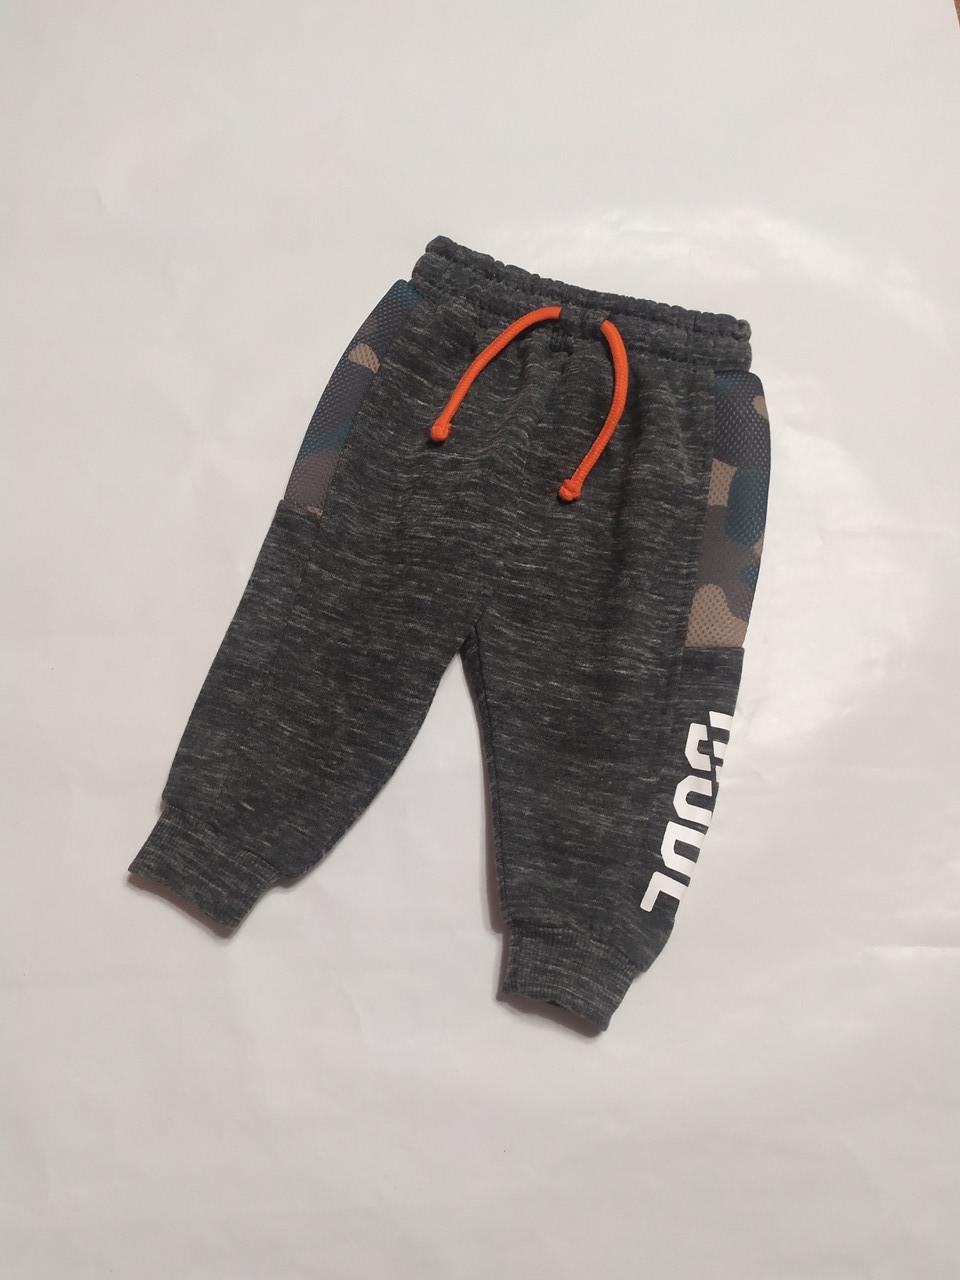 Штаны для ребенка спортивные с начесом Rebel р.74см.